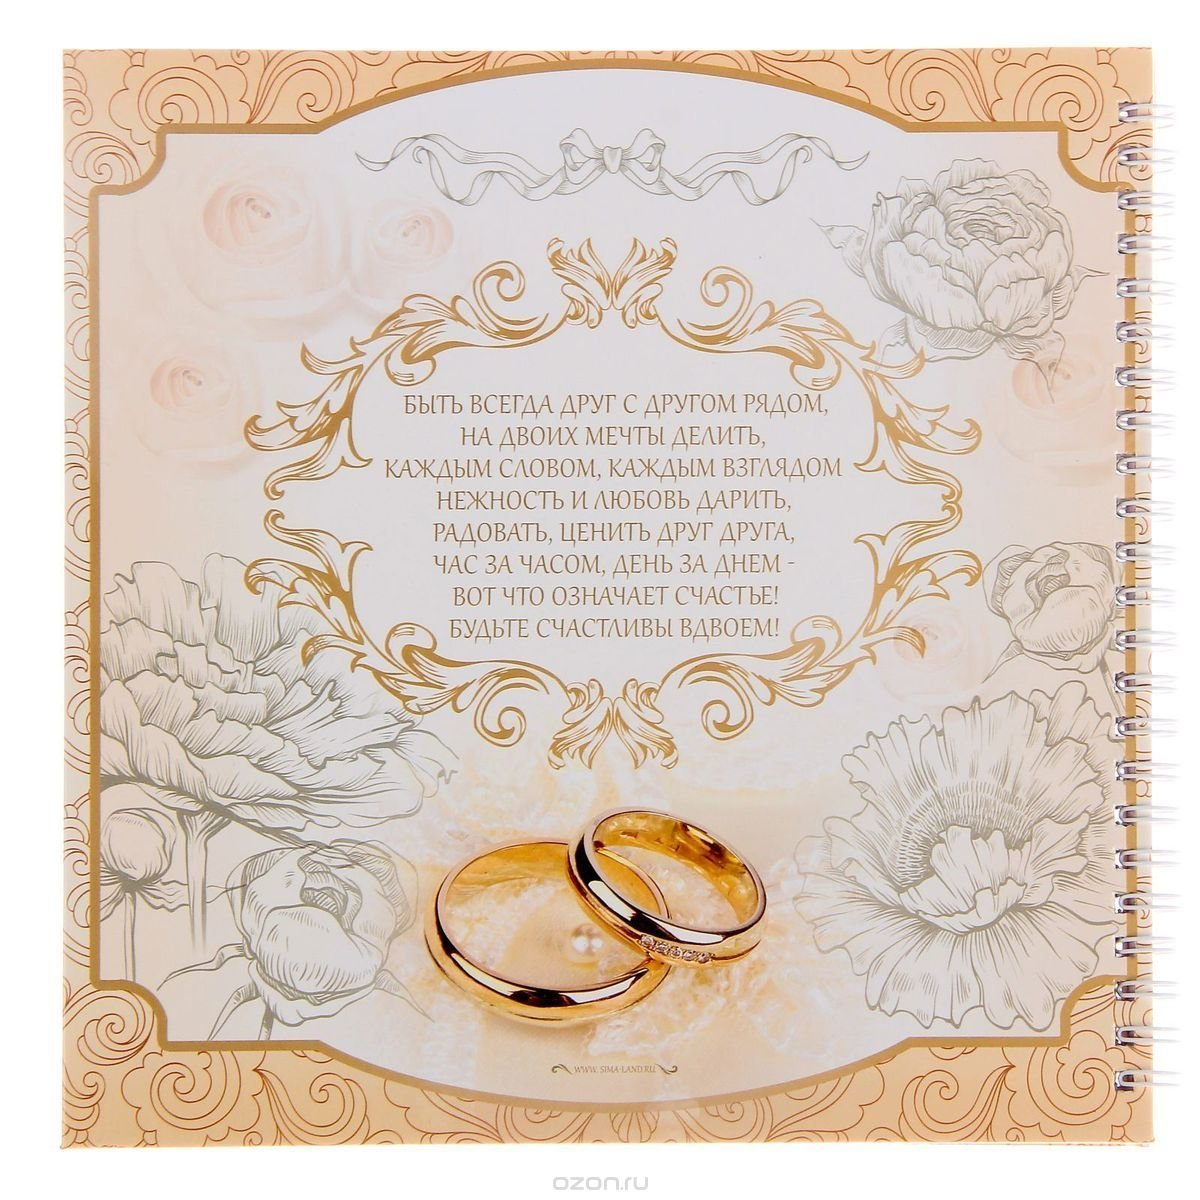 Текст для открытки венчание